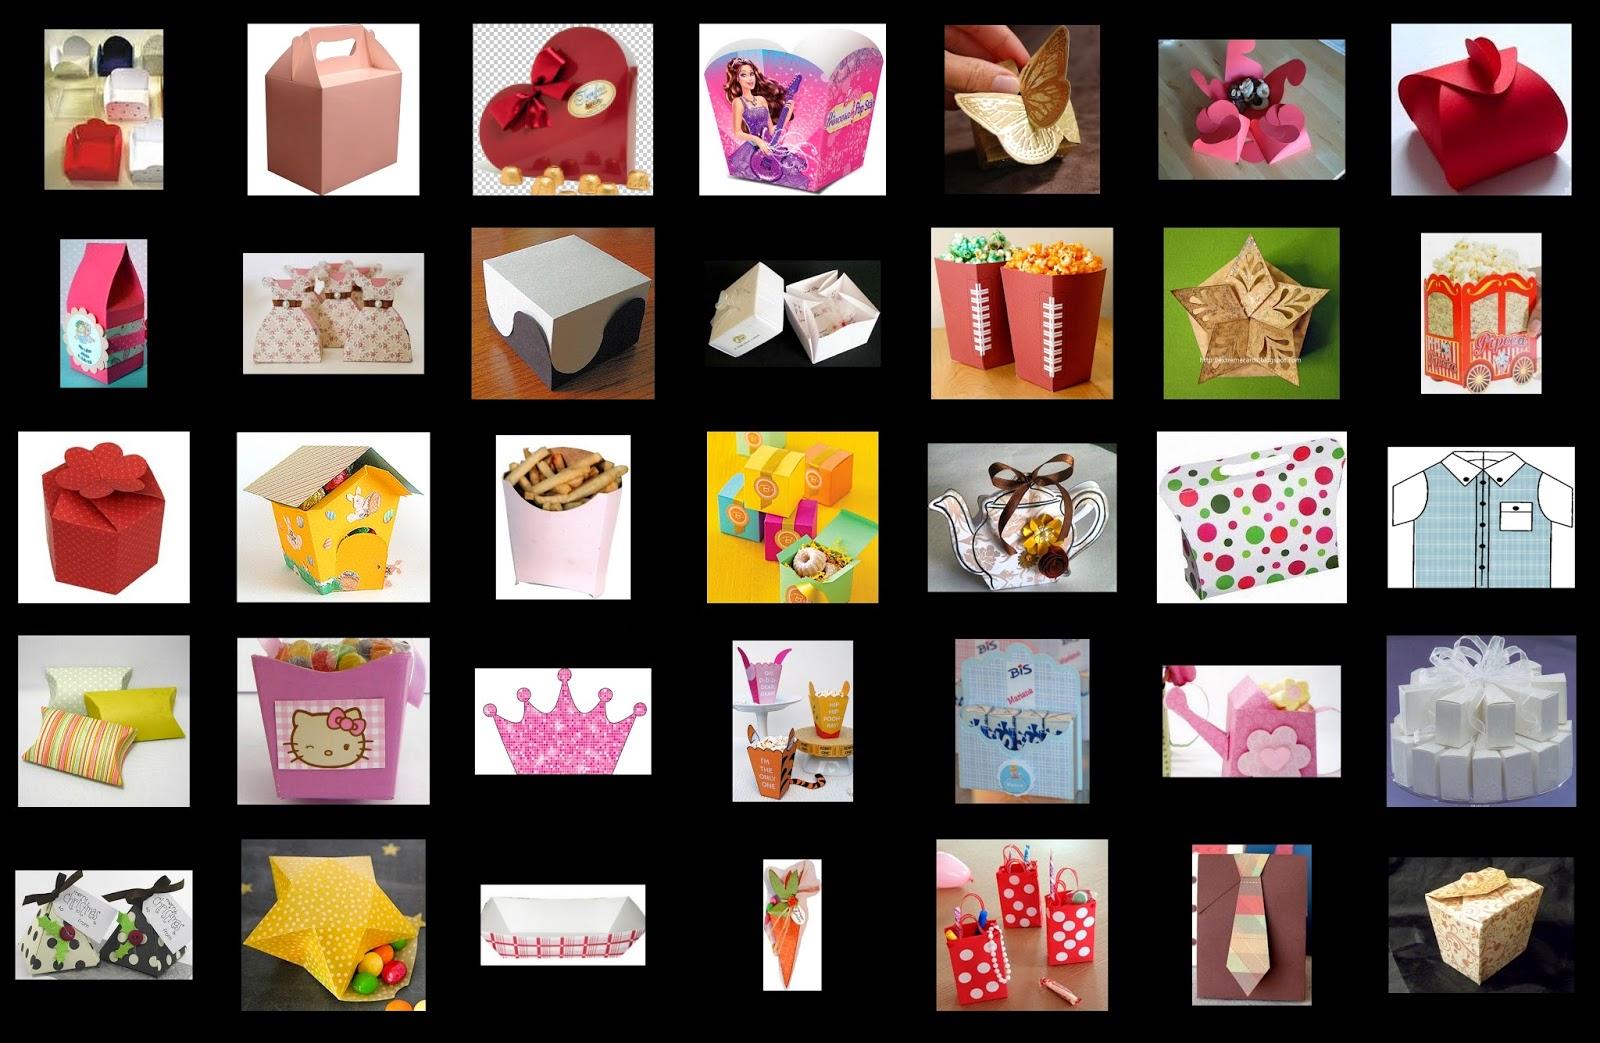 Moldes Gratis de Cajas para Fiestas  Ideas y material gratis